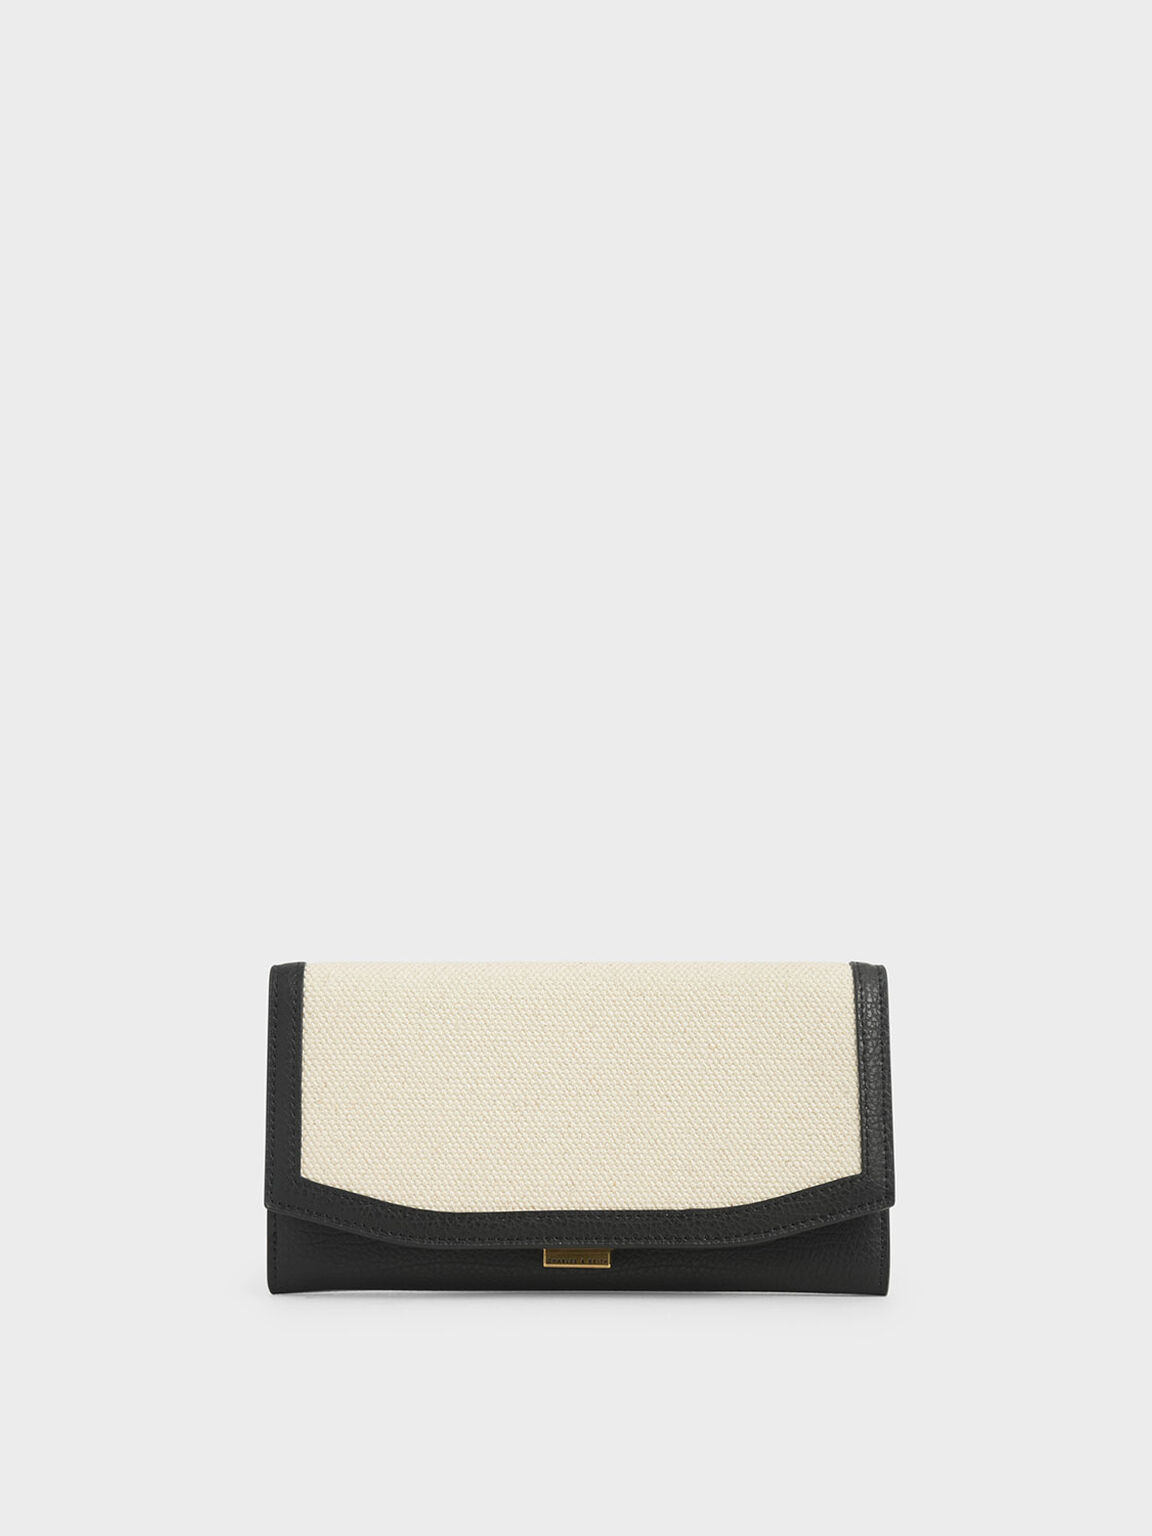 Mini Canvas Long Wallet, Black Textured, hi-res